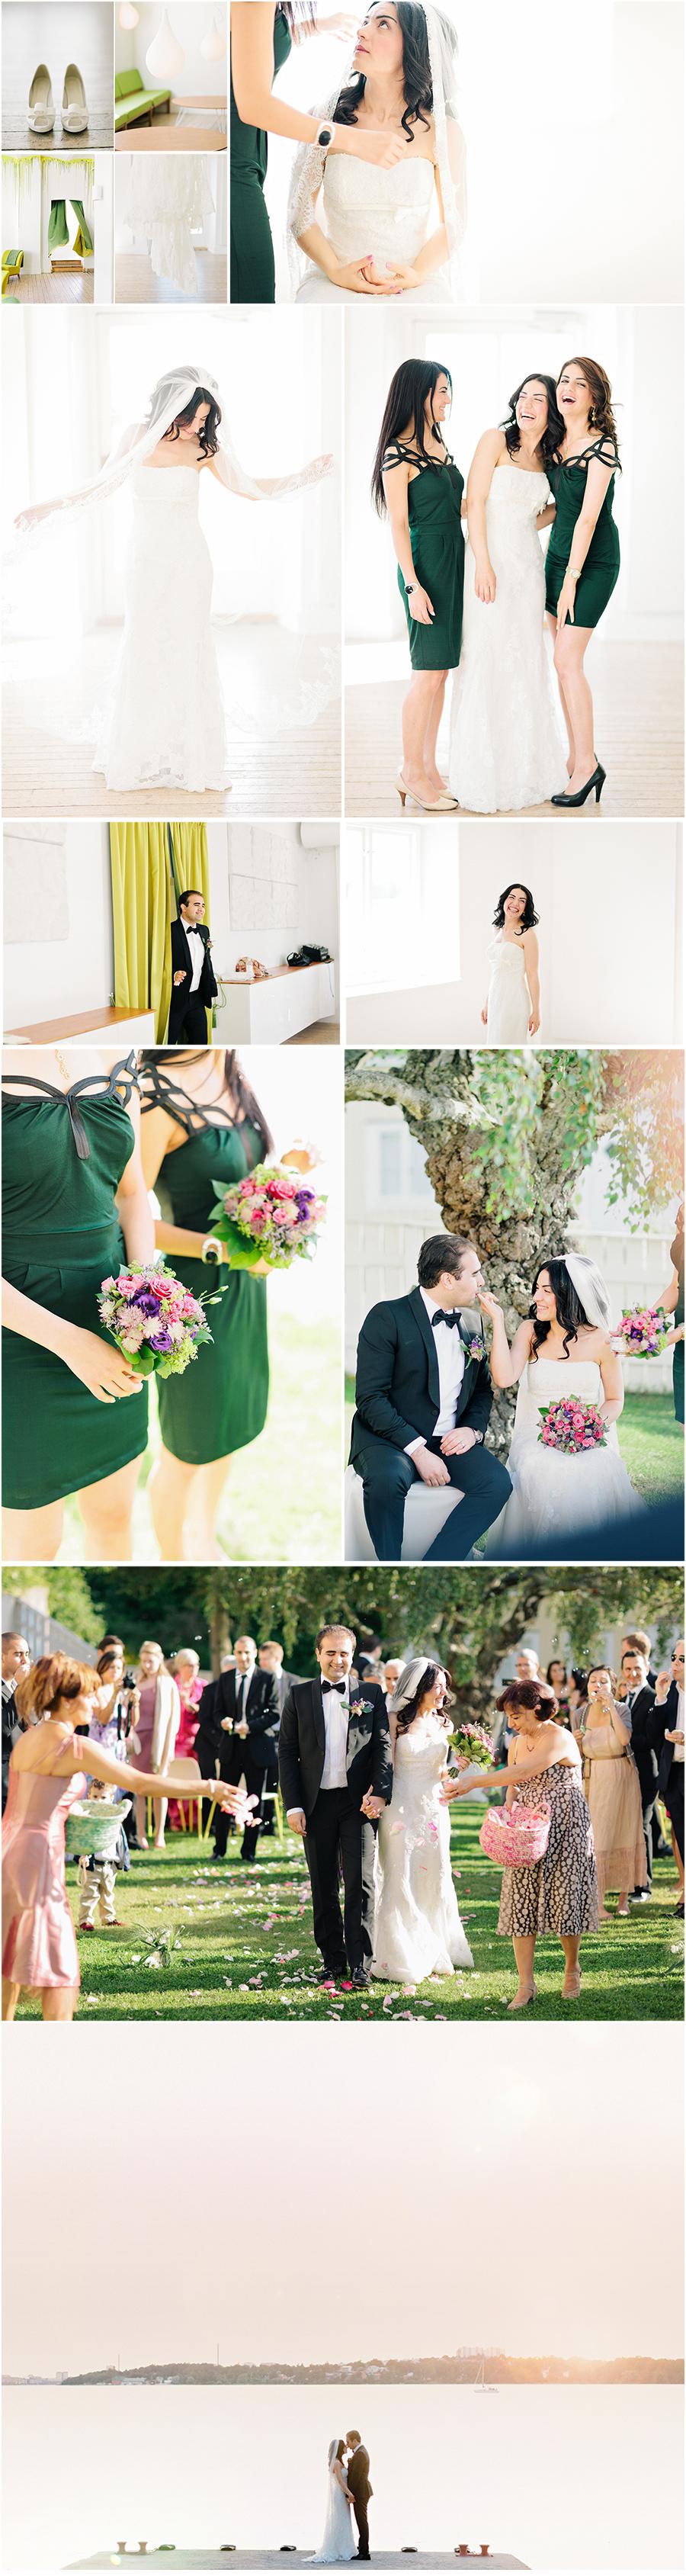 2 BRIDES PHOTOGRAPHY - {PARASTOO + SAFA} smakfullt persiskt utomhusbröllop på Ekensdal i Skurusundet 6